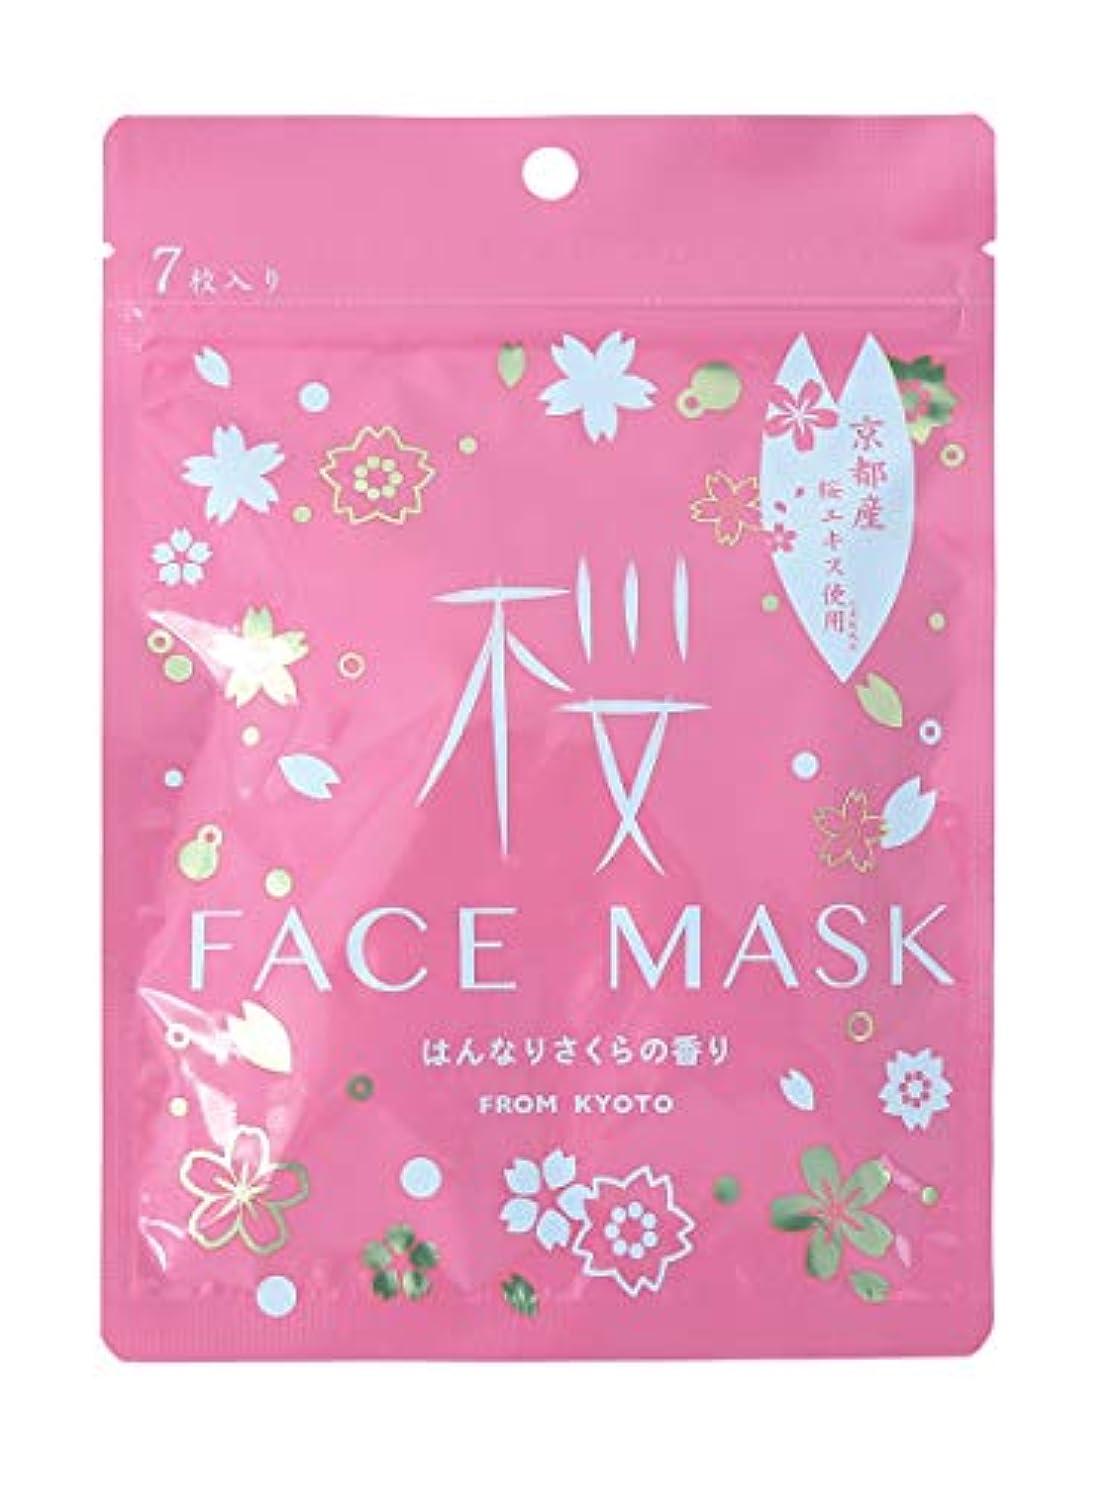 換気する引き受ける憂鬱な京びあん 桜フェイスマスク